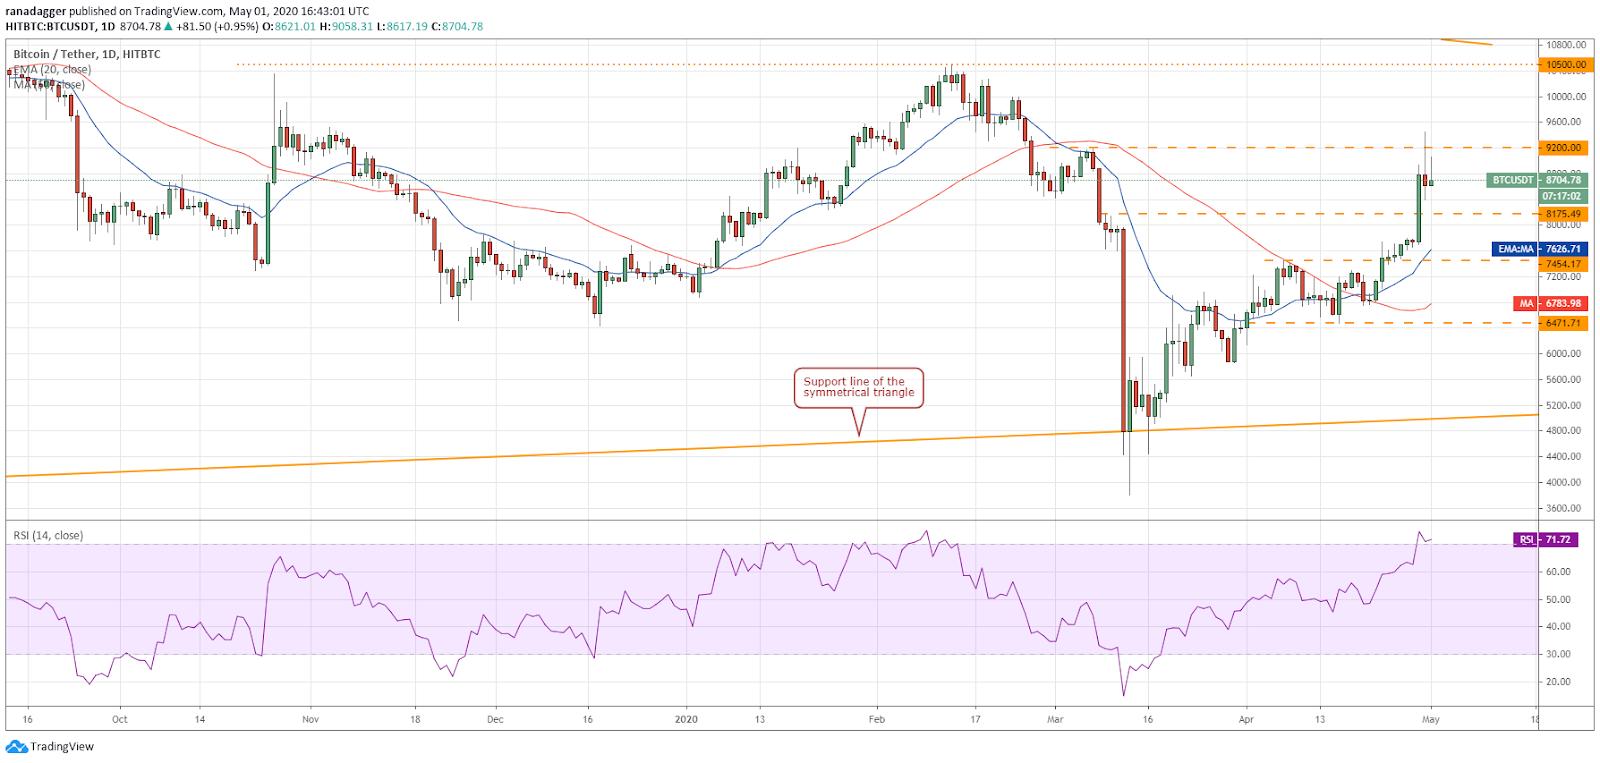 Gráfico diario de BTC/USD. Fuente: Tradingview